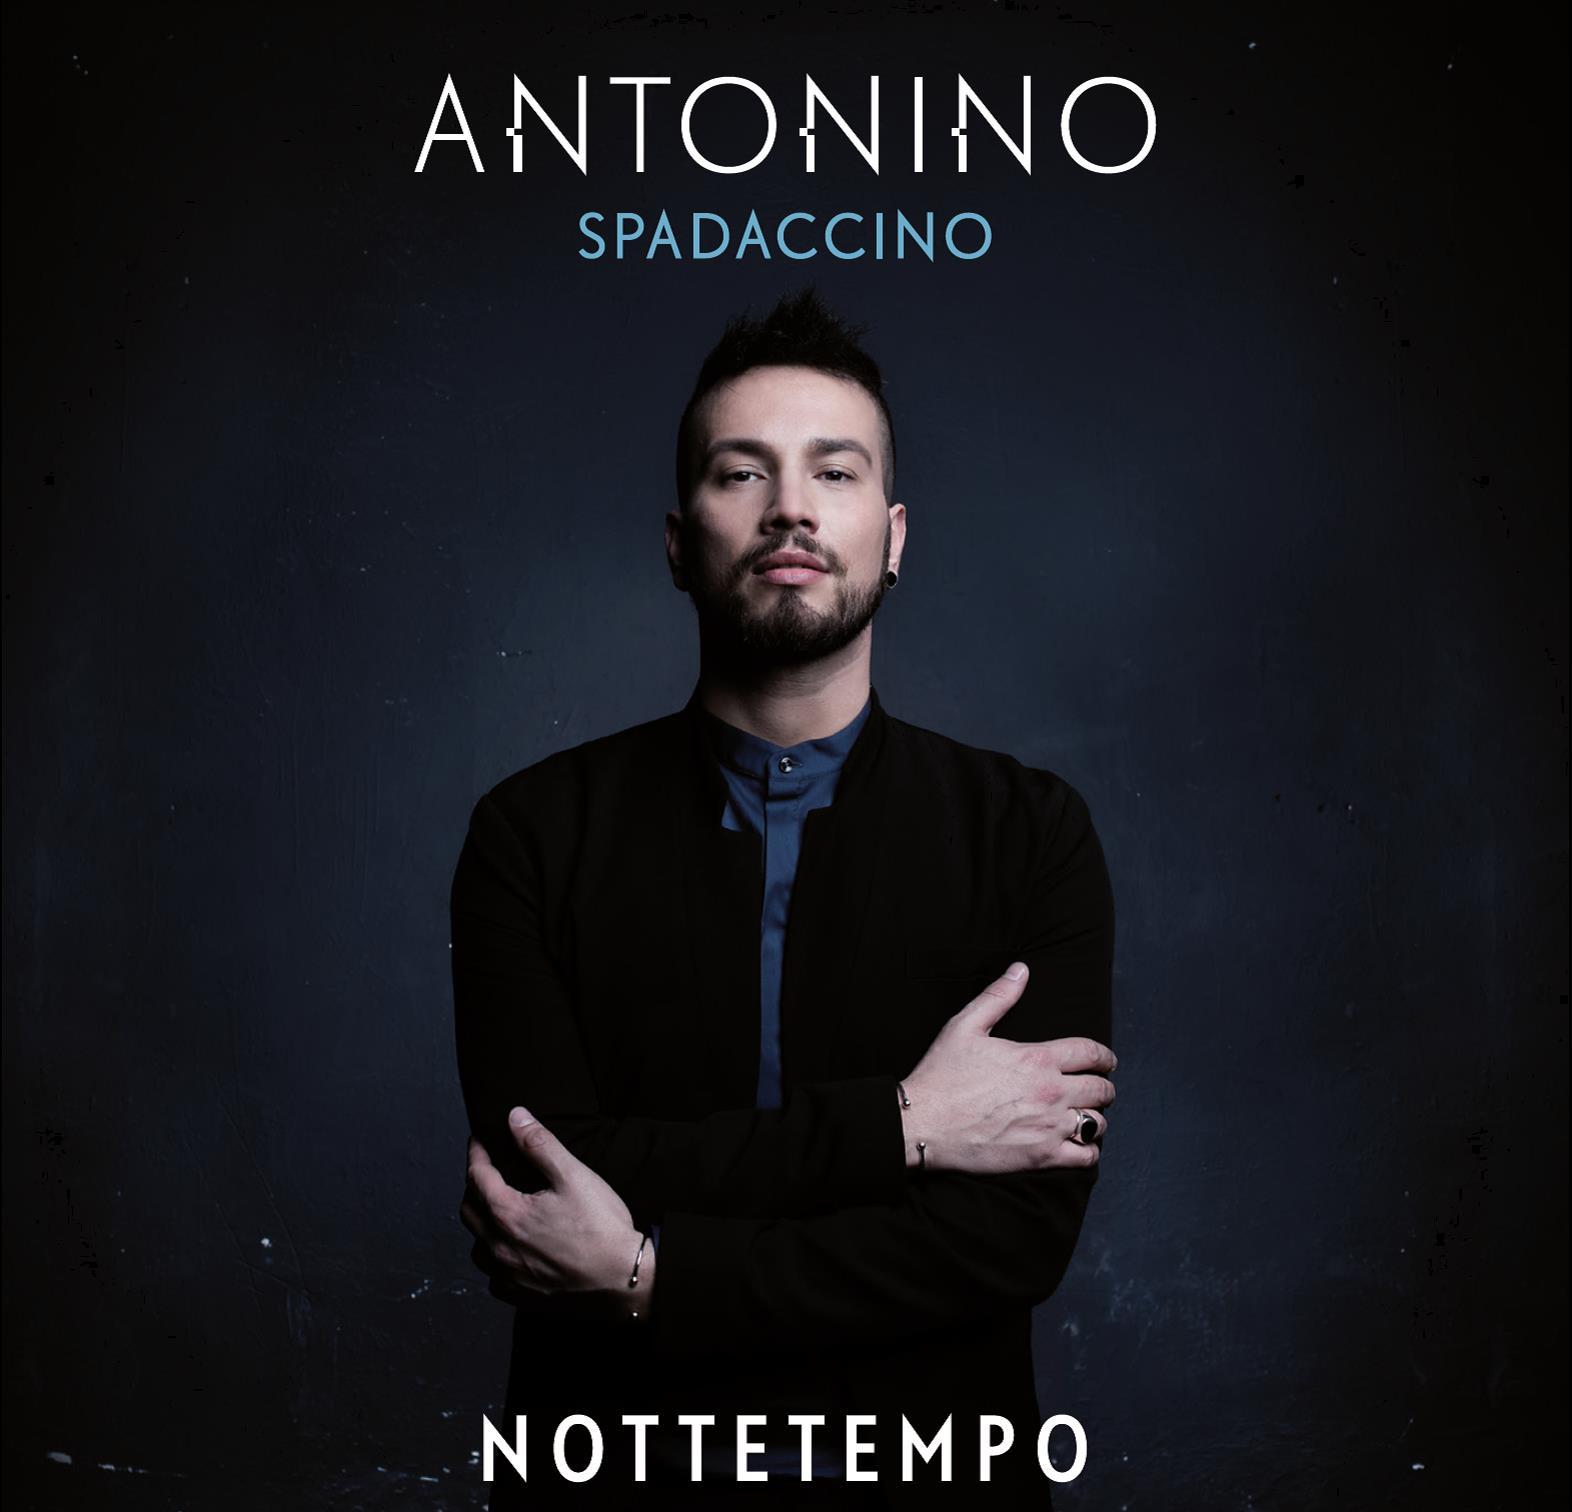 """Antonino Spadaccino: il 22 aprile esce """"Nottetempo""""!"""